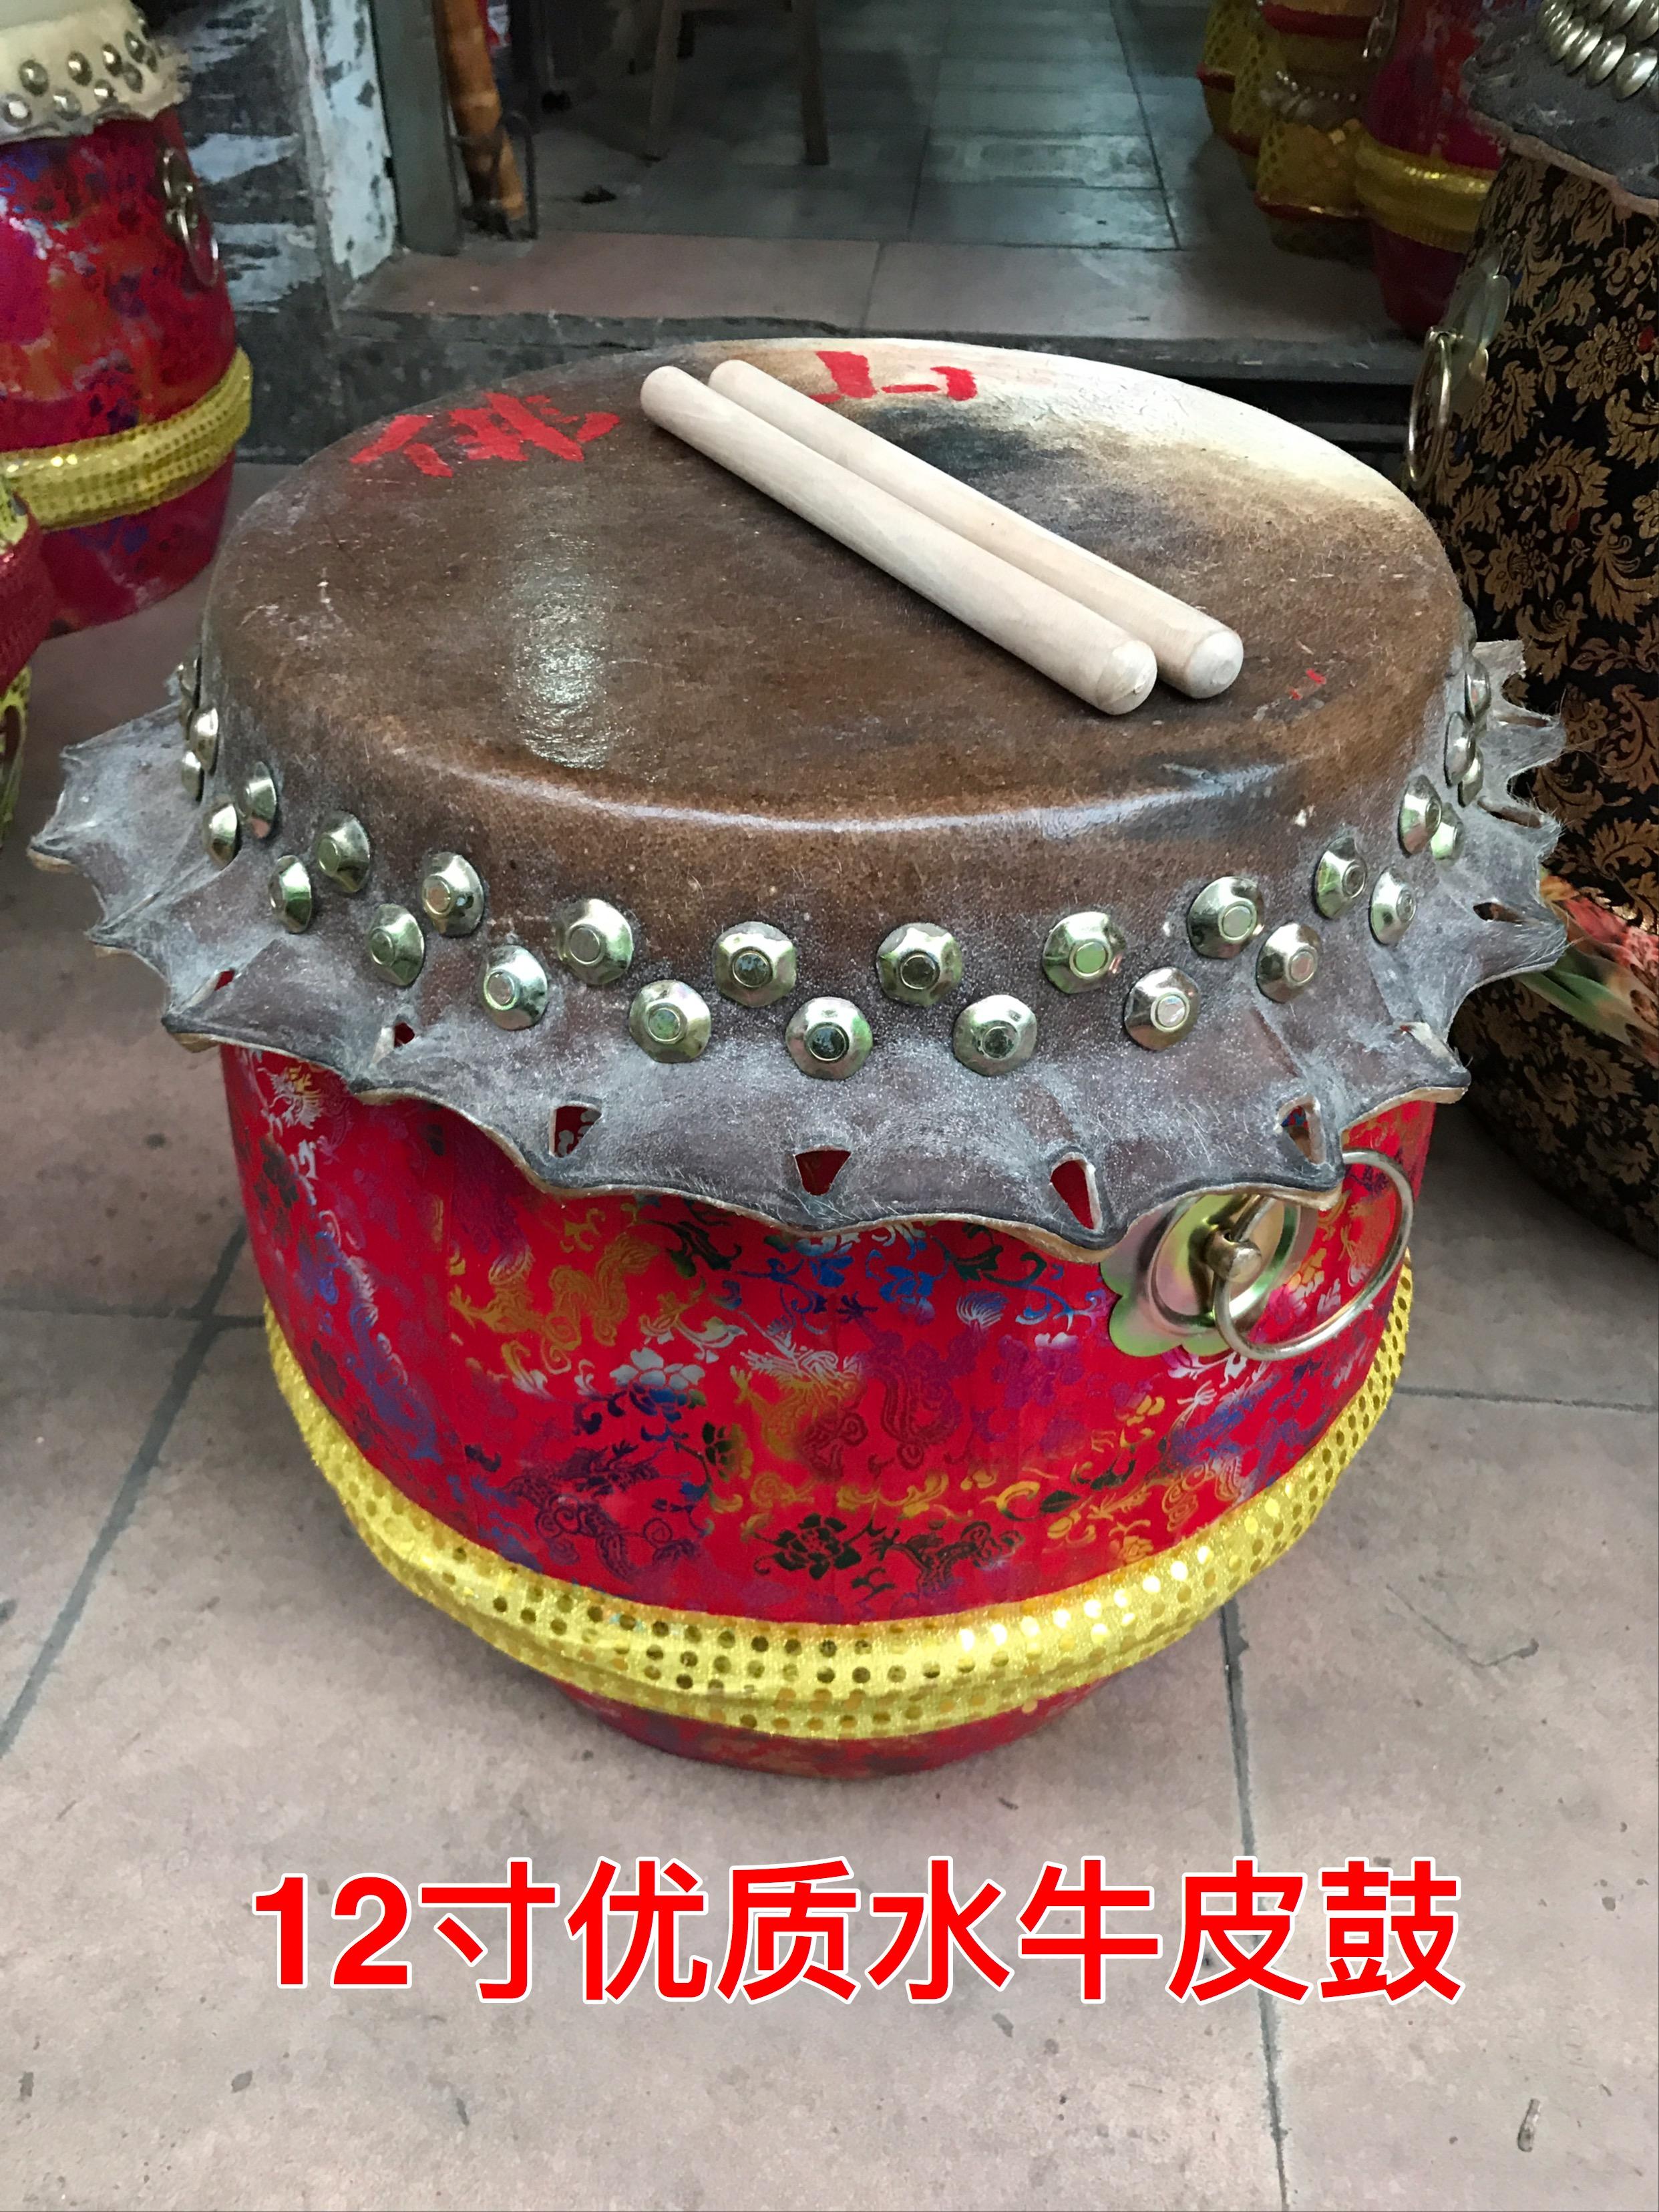 Ручная работа кожаный Drum Dragon Boat Drummer Adult Performance Drum 5-8-24 inch Foshan Lion Танцевальный барабанный барабан Dragon Boat Drum